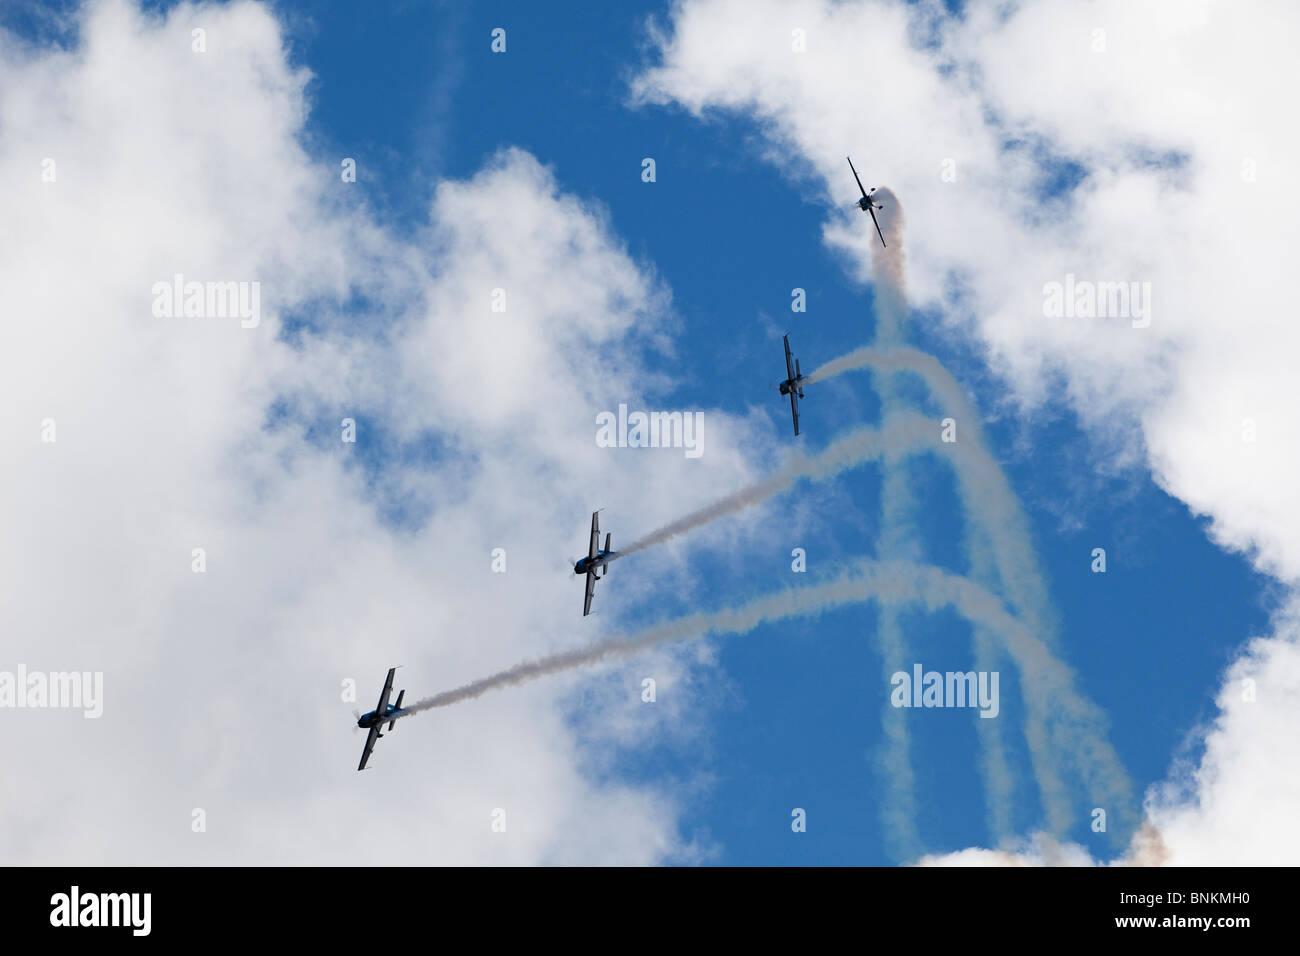 L'équipe de démonstration de vol acrobatique lames, UK Photo Stock